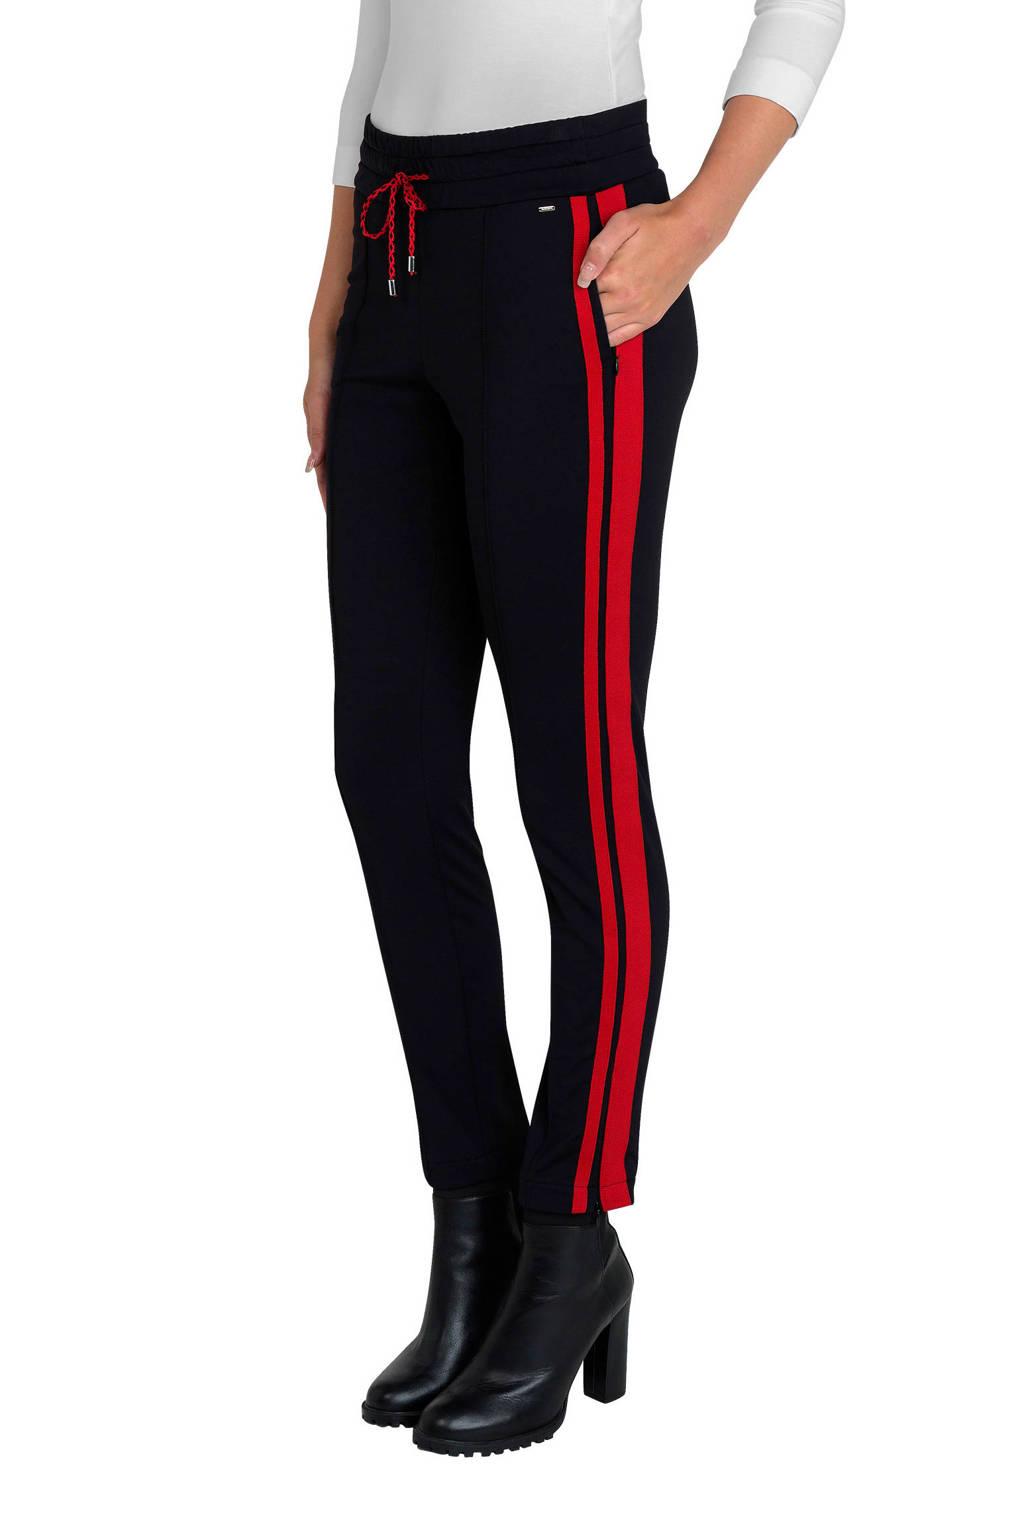 Claudia Sträter gestreepte slim fit joggingbroek met zijstreep zwart/rood, Zwart/rood